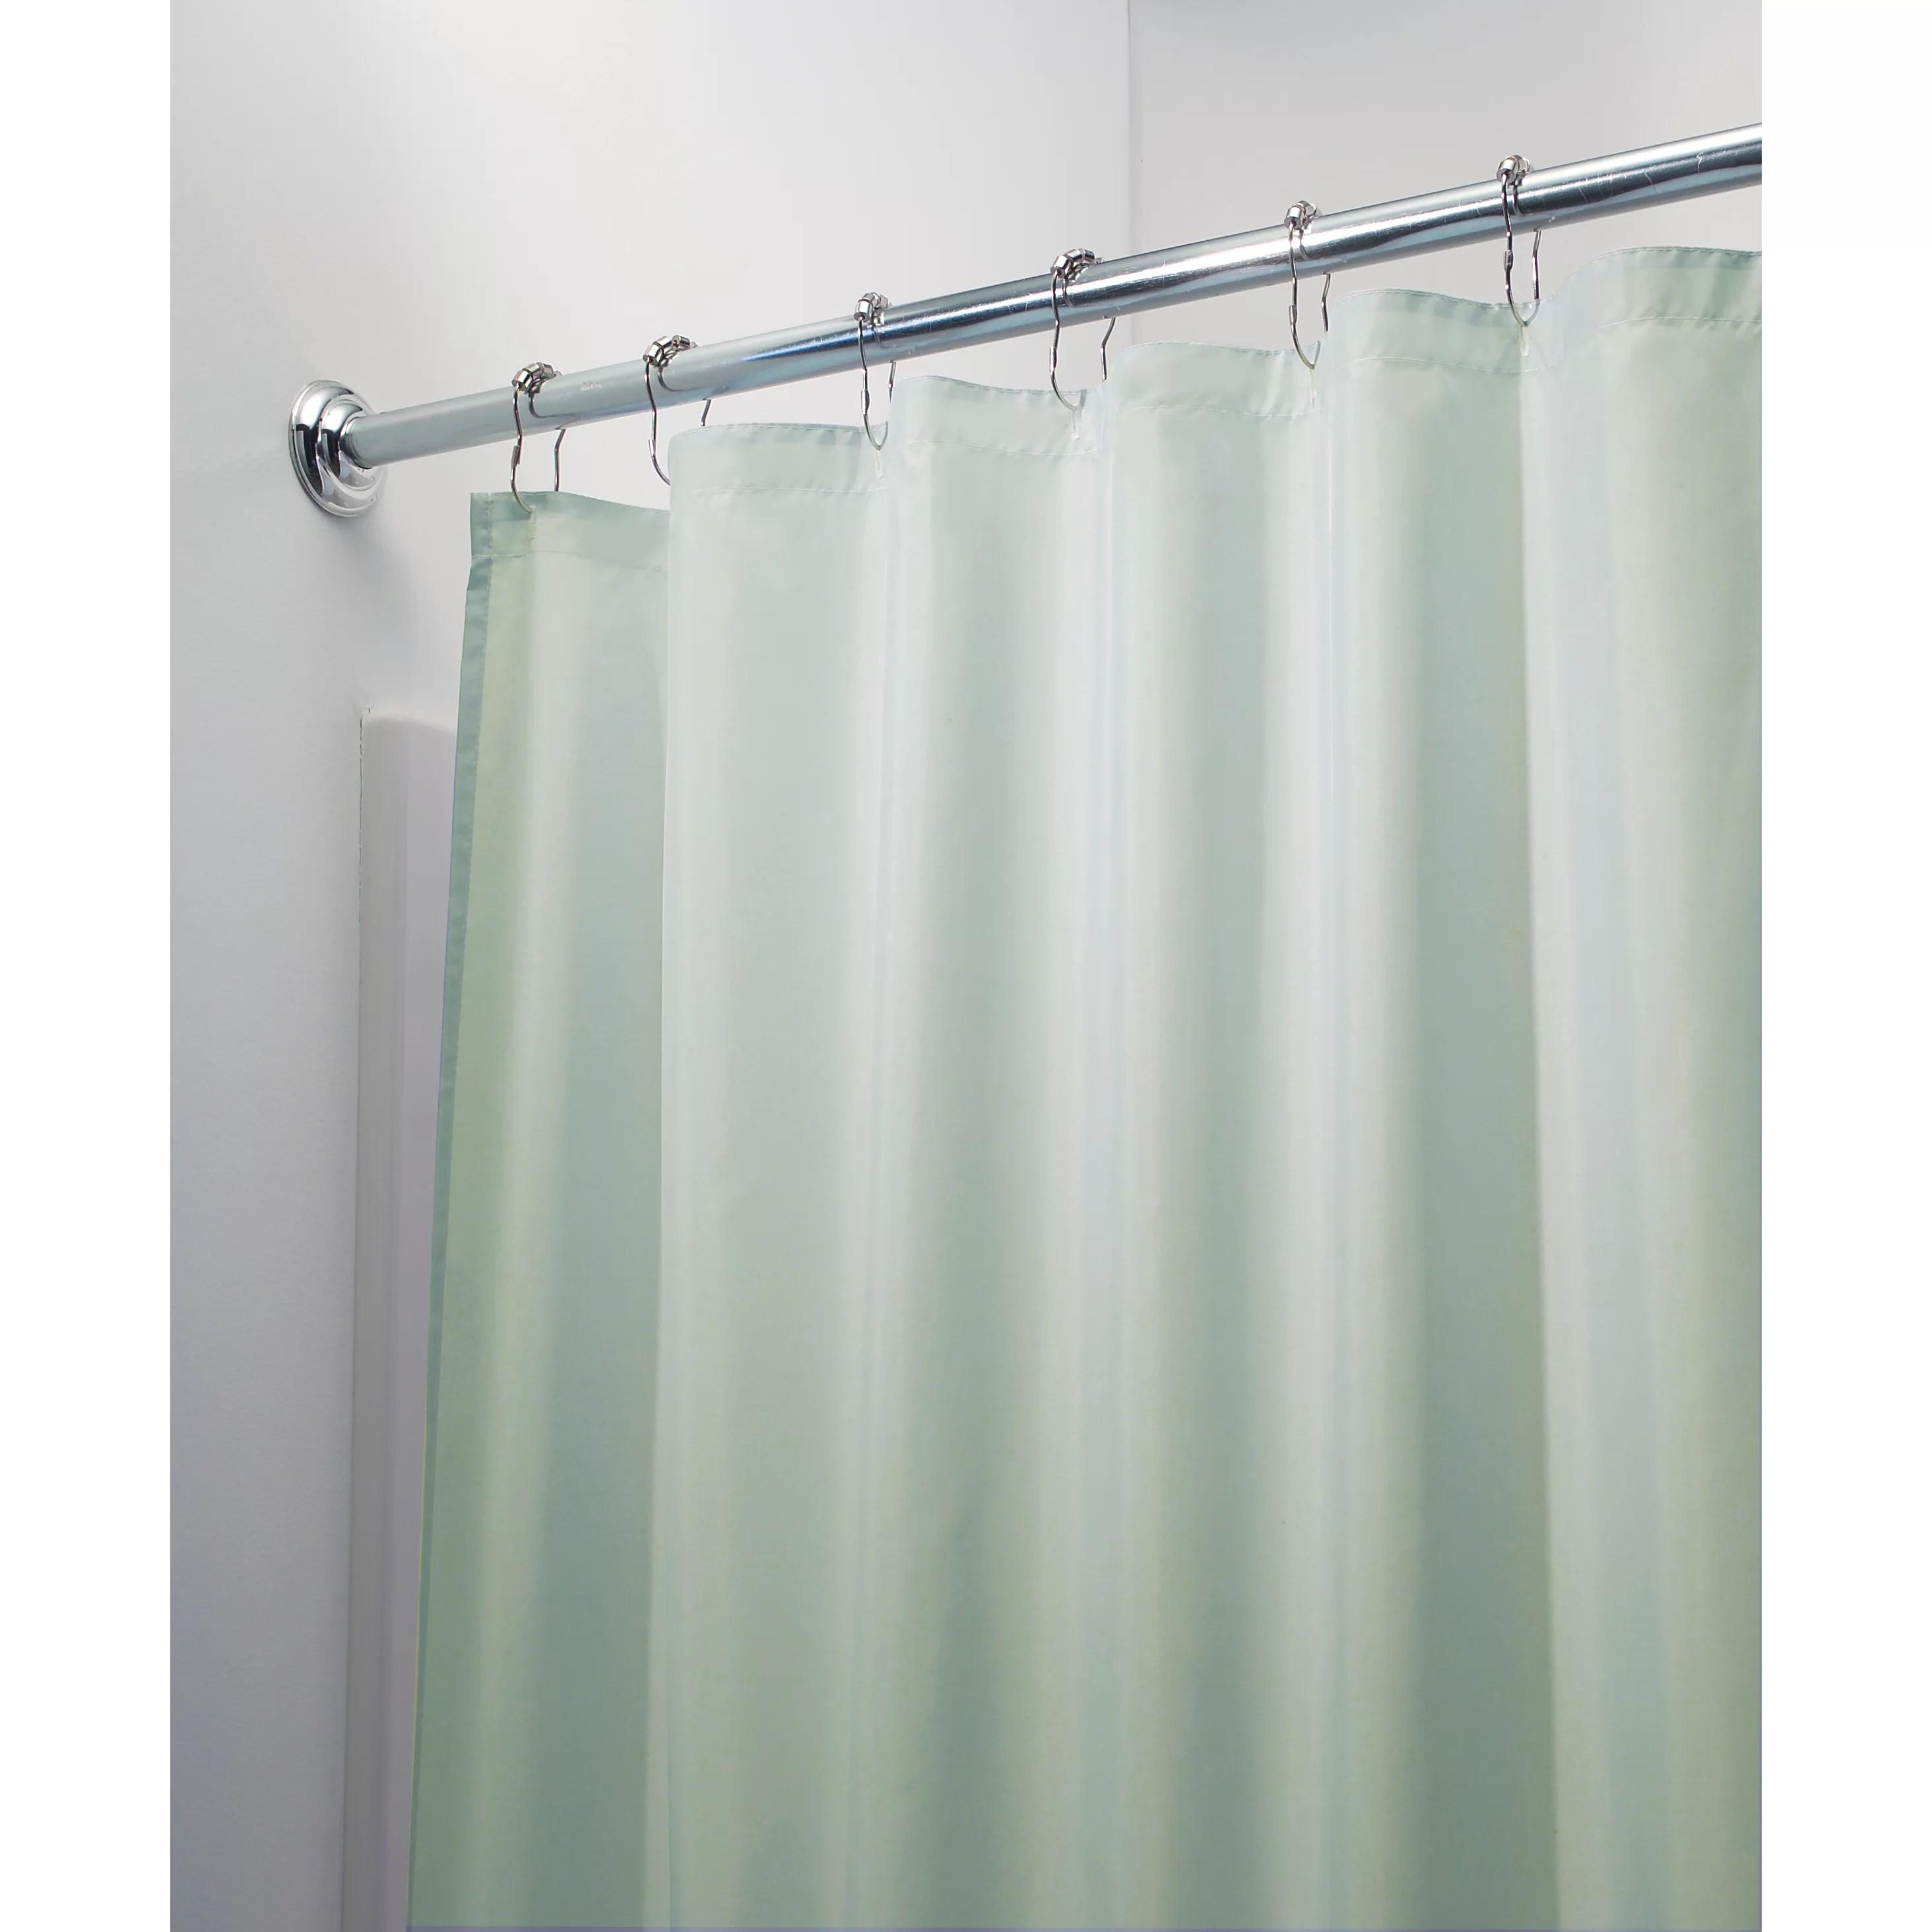 Symple Stuff Waterproof Shower Curtain Liner  Reviews  Wayfair